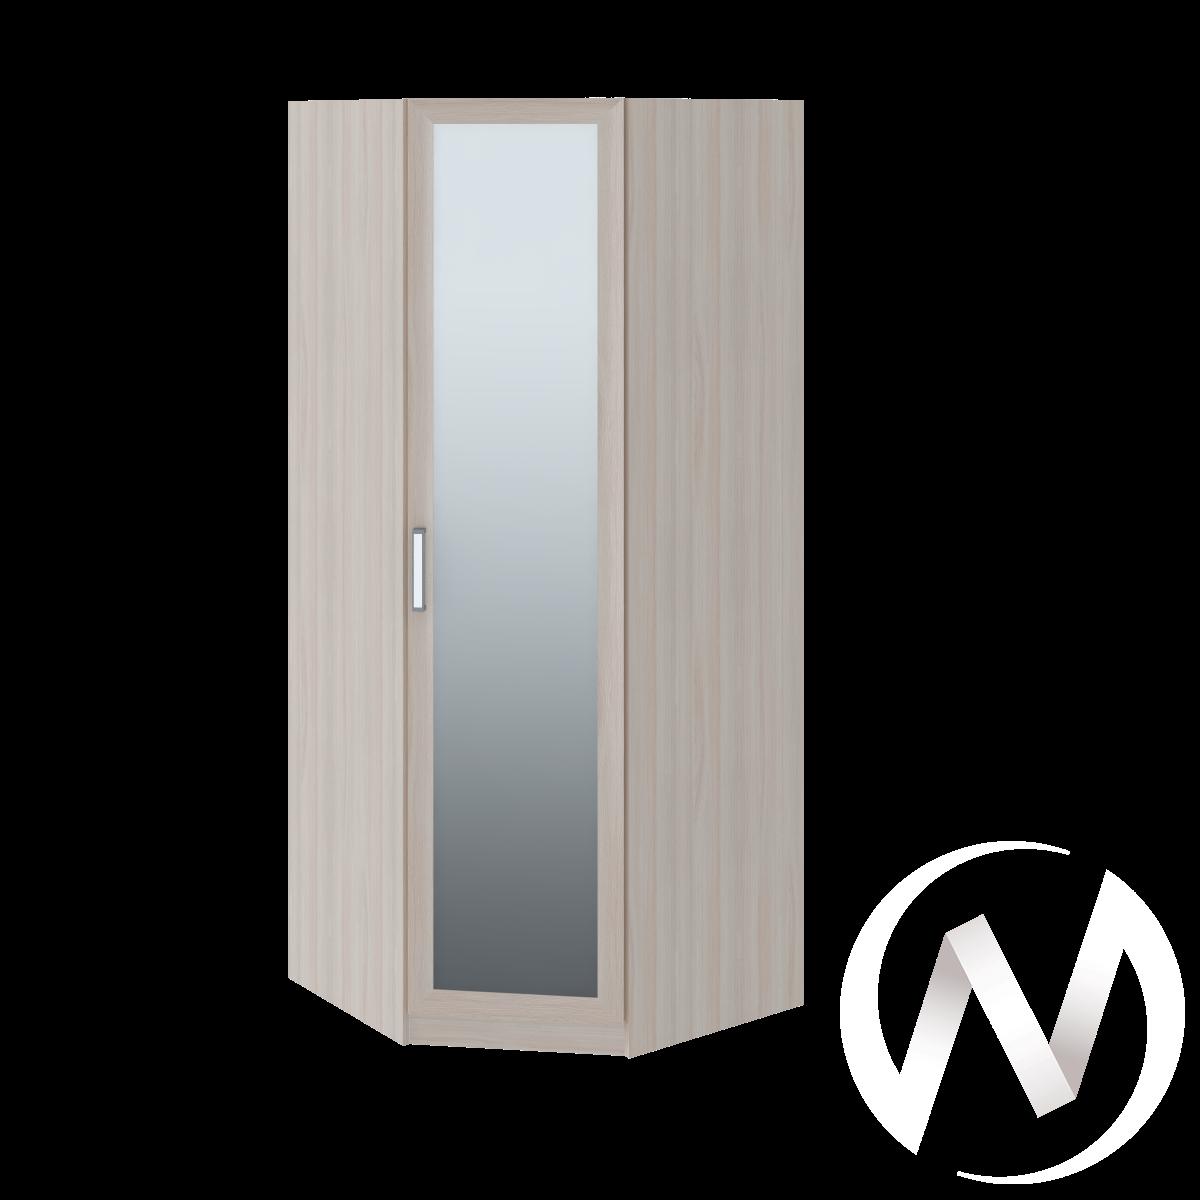 Walker М1 Шкаф угловой (ясень шимо светлый/белый)  в Томске — интернет магазин МИРА-мебель